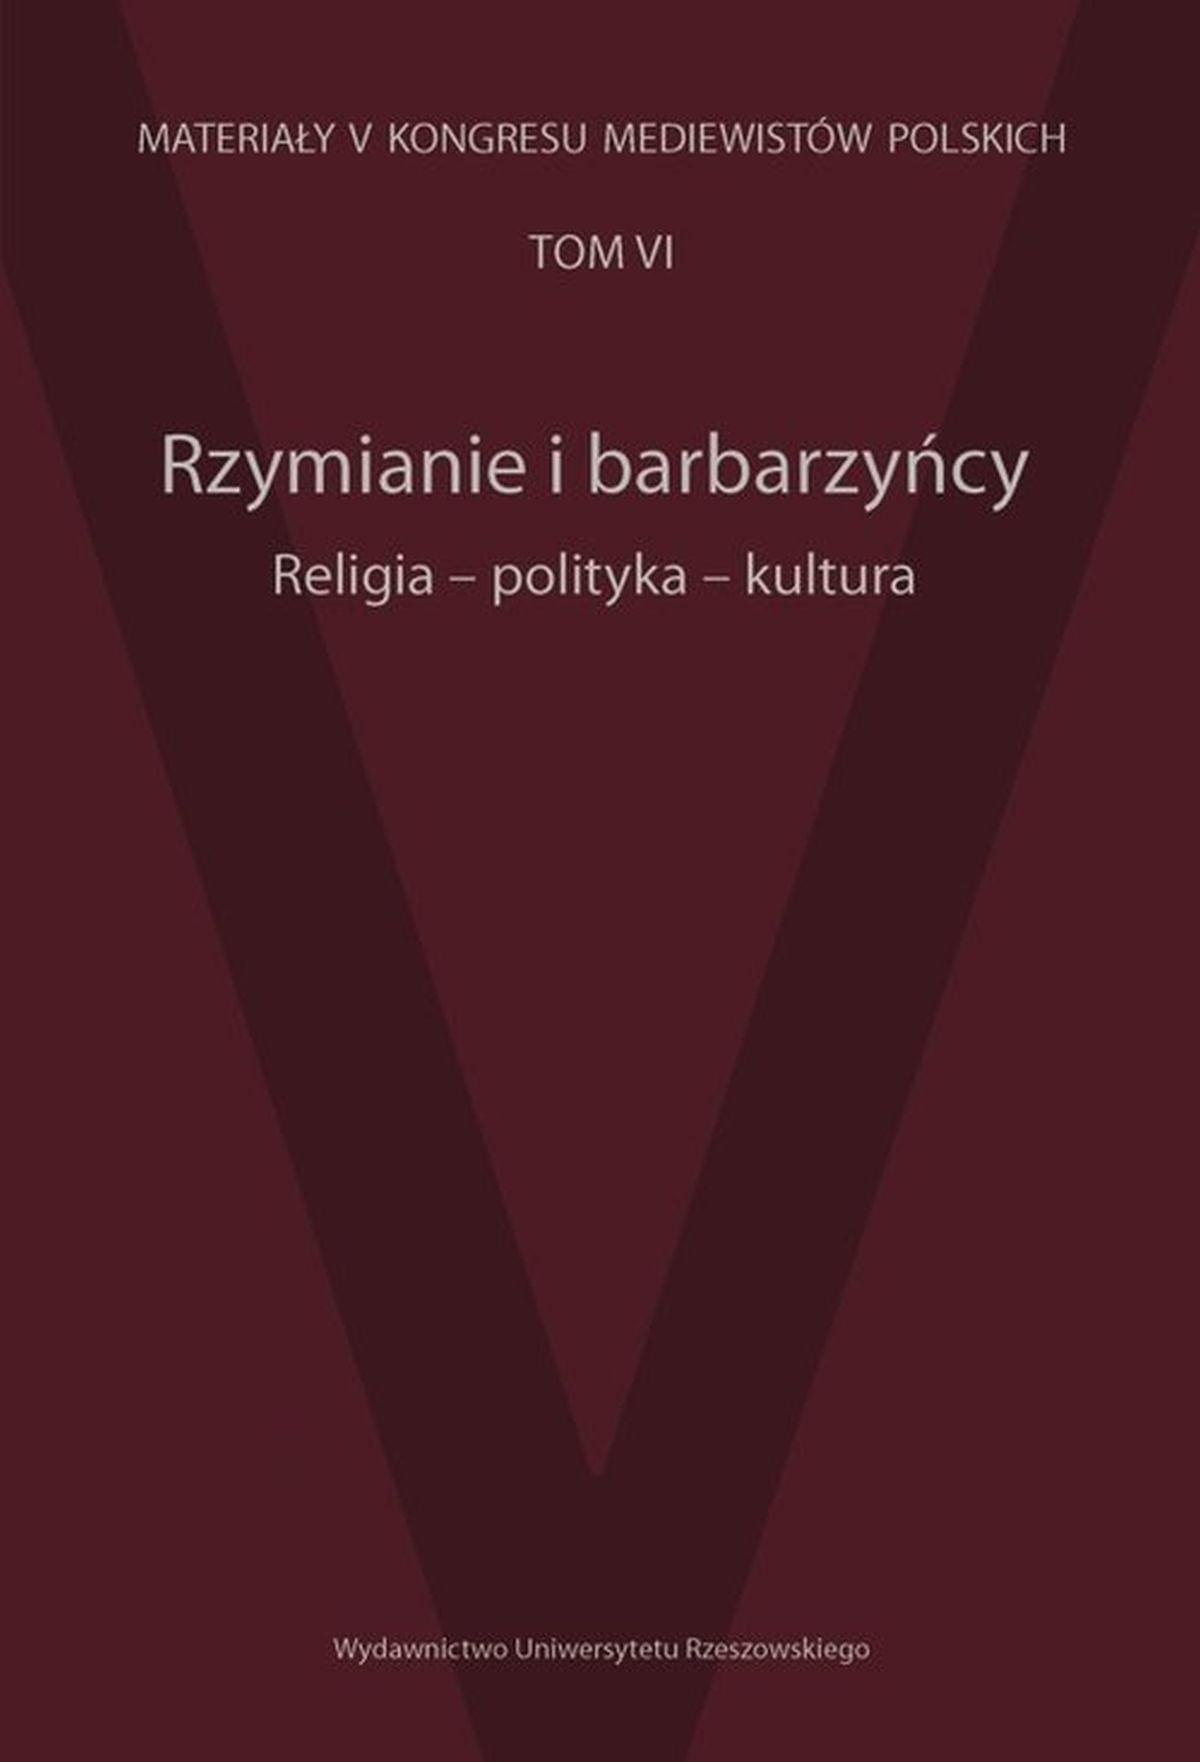 Rzymianie i barbarzyńcy. Religia, polityka, kultura. Tom 6. Materiały V Kongresu Mediewistów Polskich